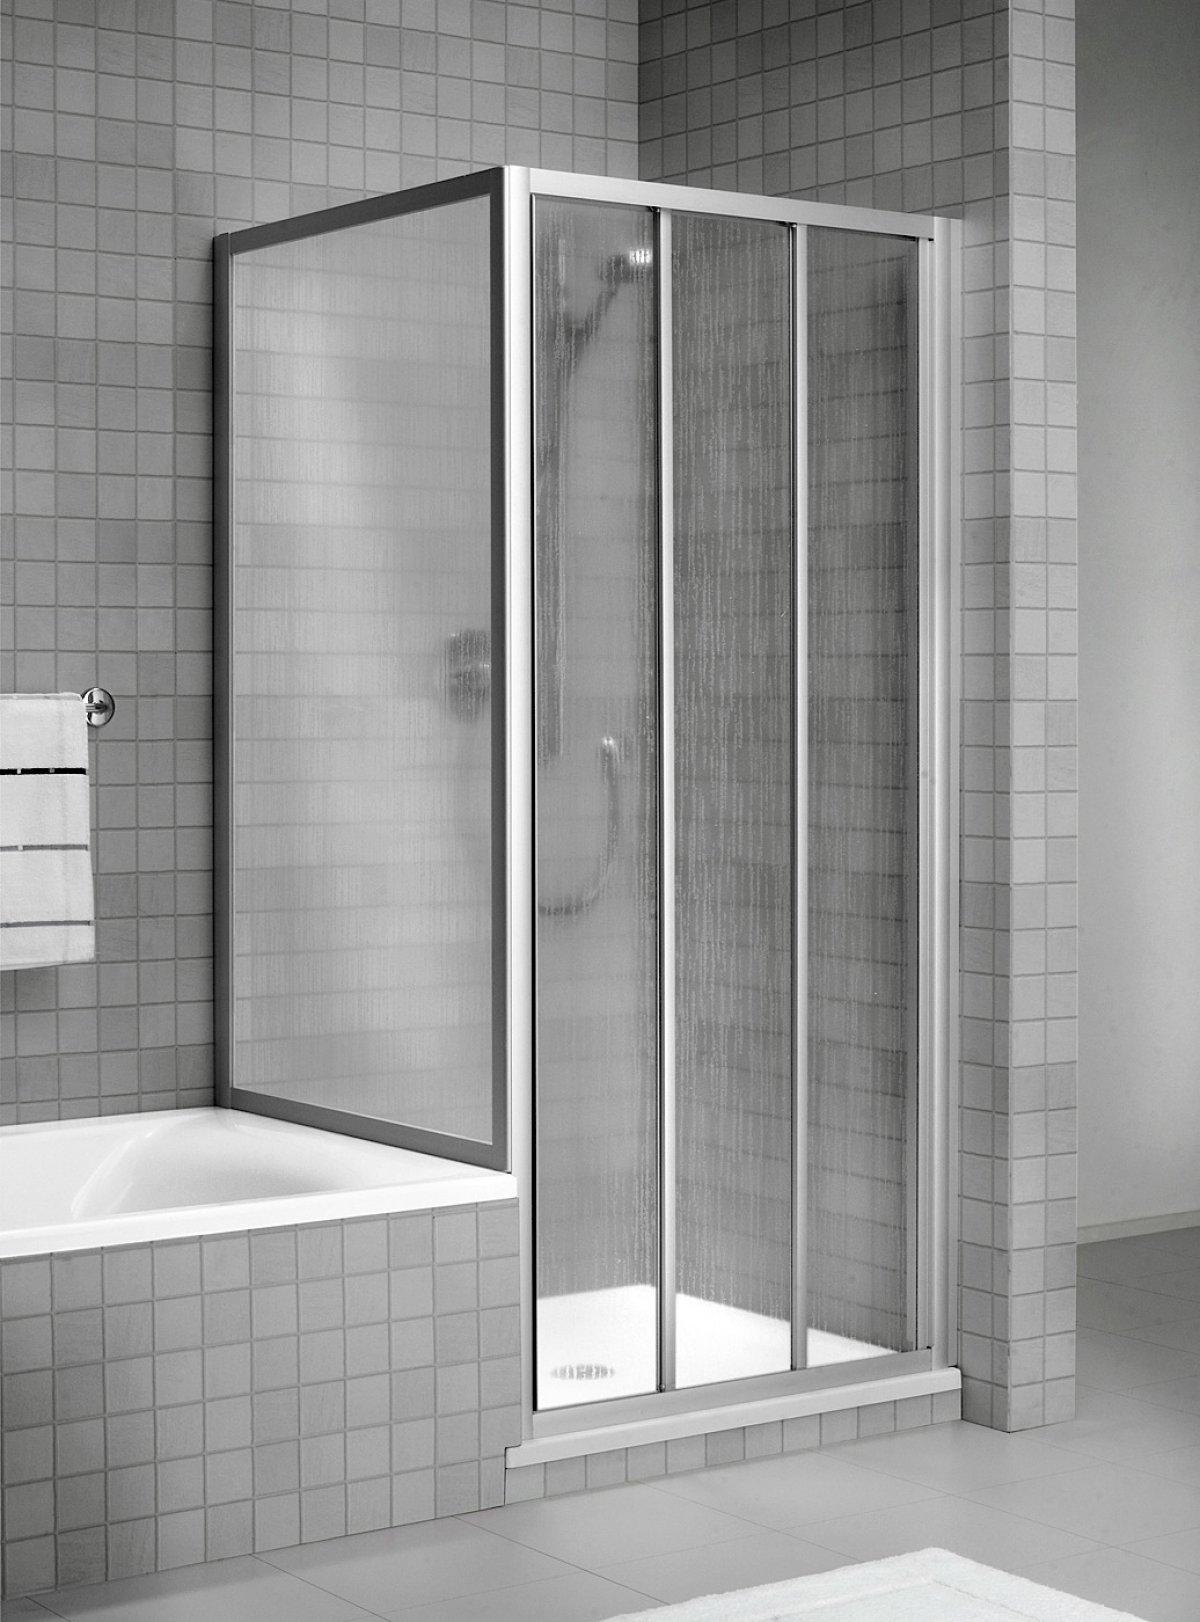 nischenl sungen mit verk rzter seitenwand duka. Black Bedroom Furniture Sets. Home Design Ideas